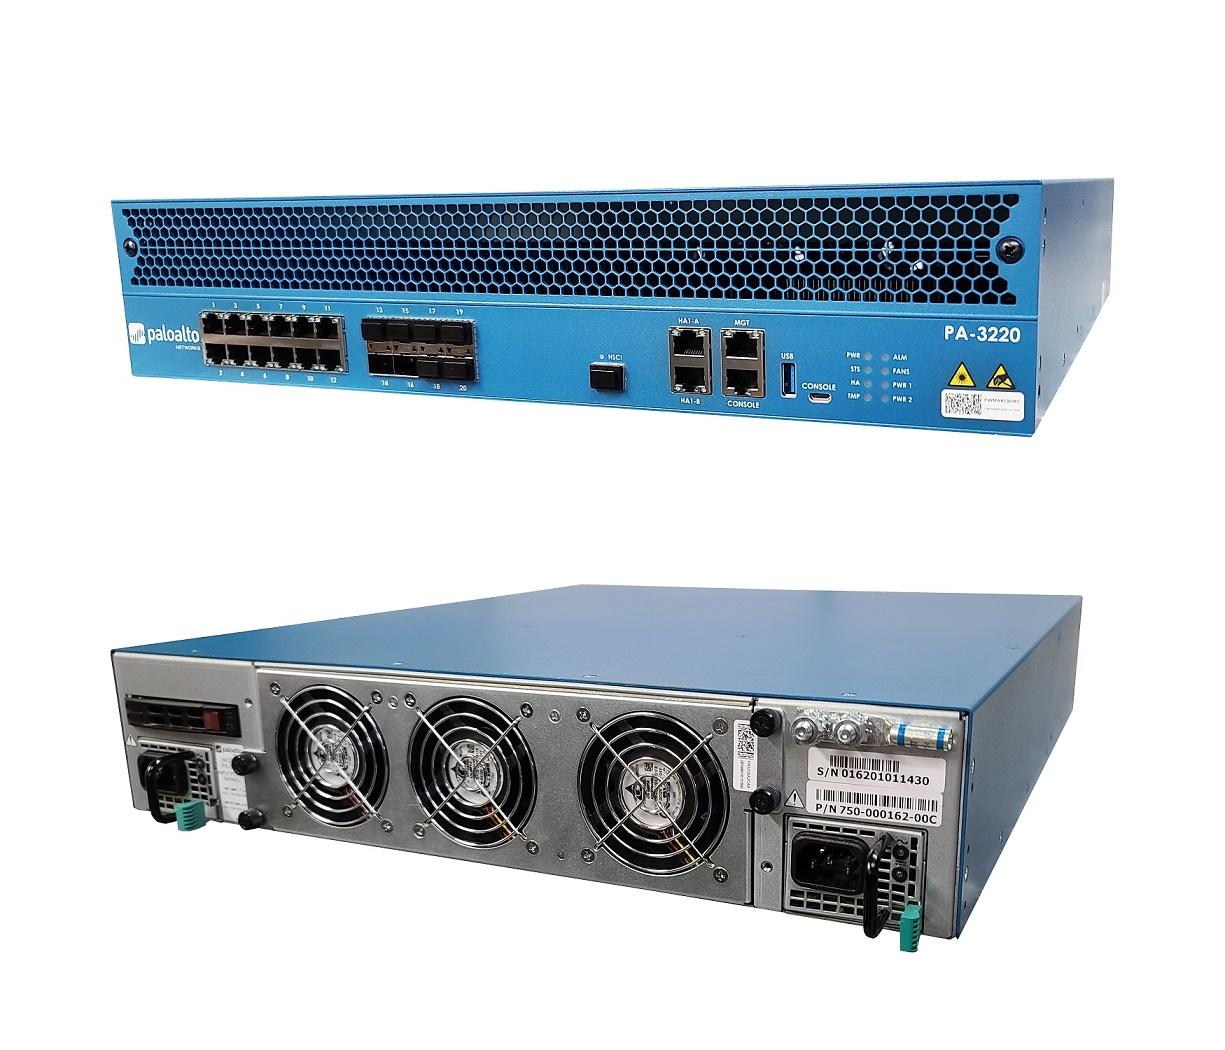 Palo Alto Networks PA-3220 12x RJ45 Intel D1517 1.6GHz 240GB SSD 2U Security Appliance PAN-PA-3220